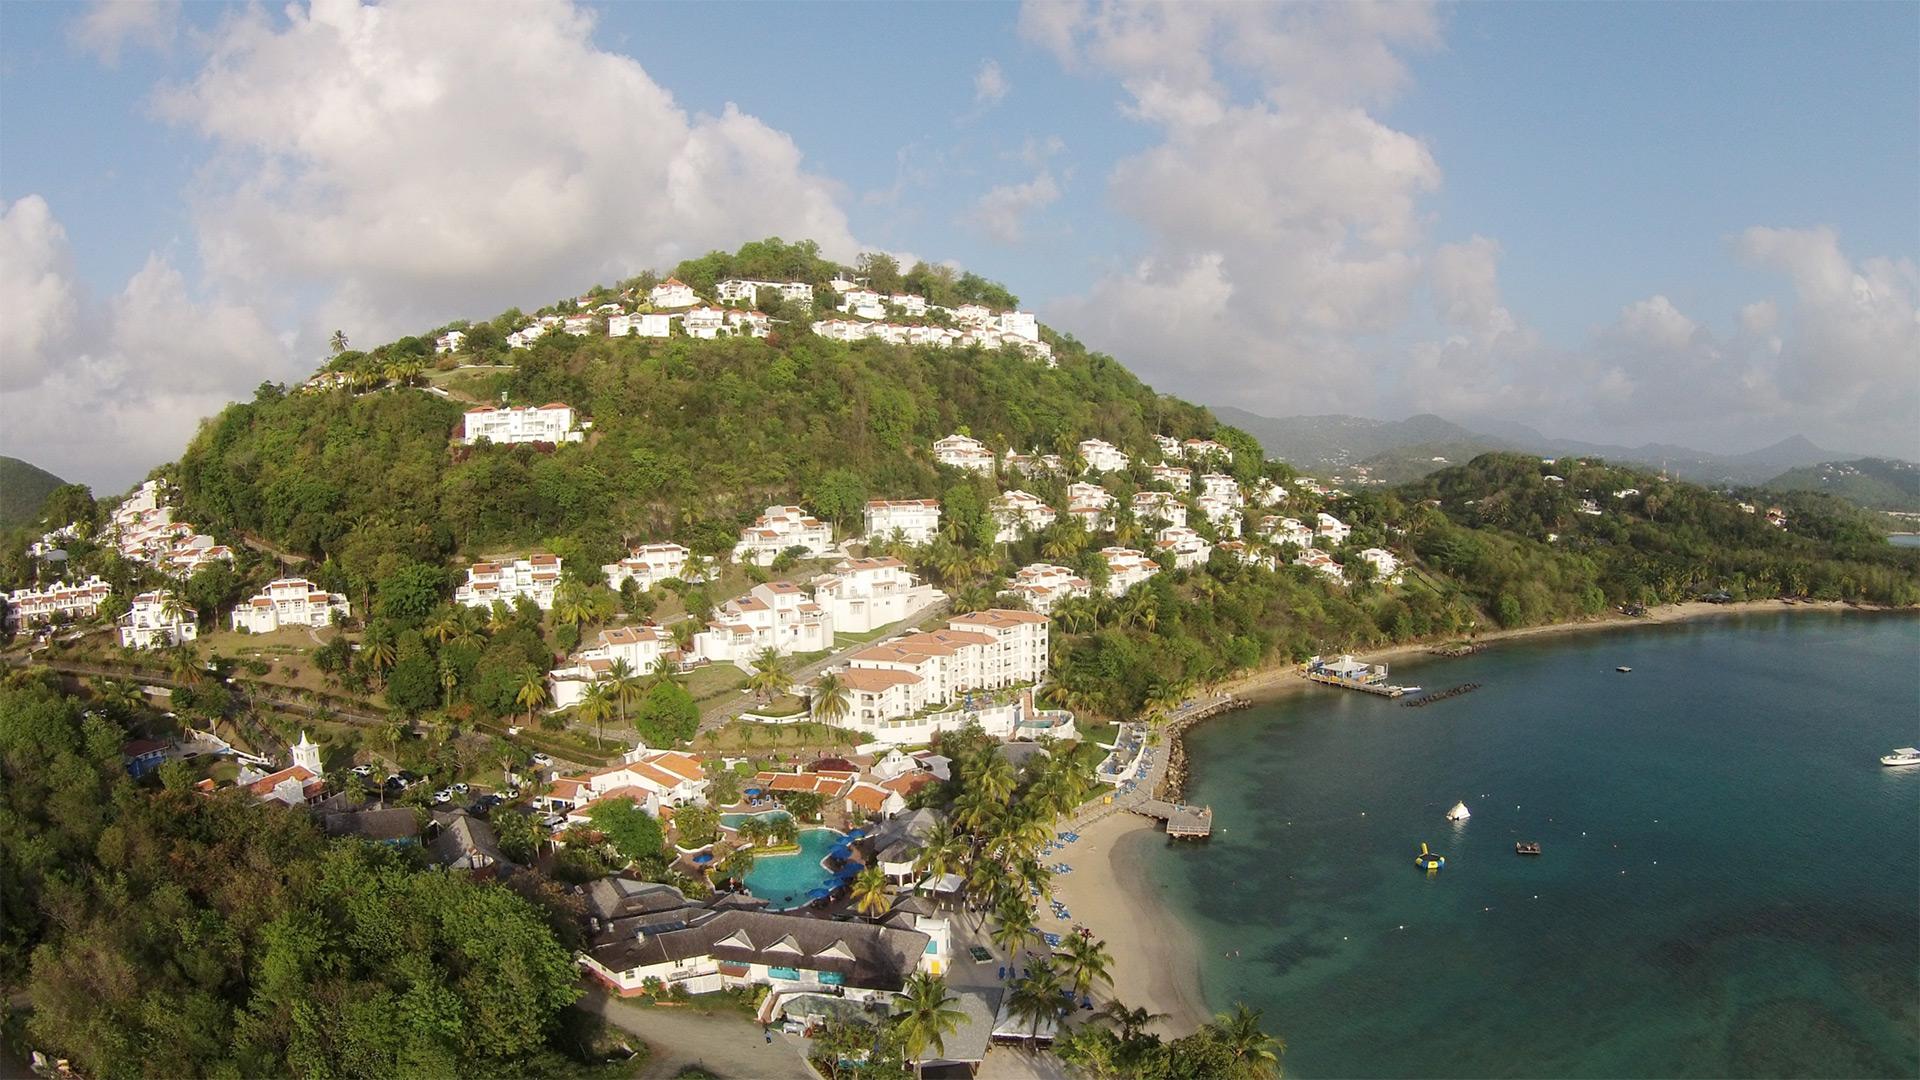 Castries, Saint Lucia  Windjammer Landing Villa Beach Resort   View Project